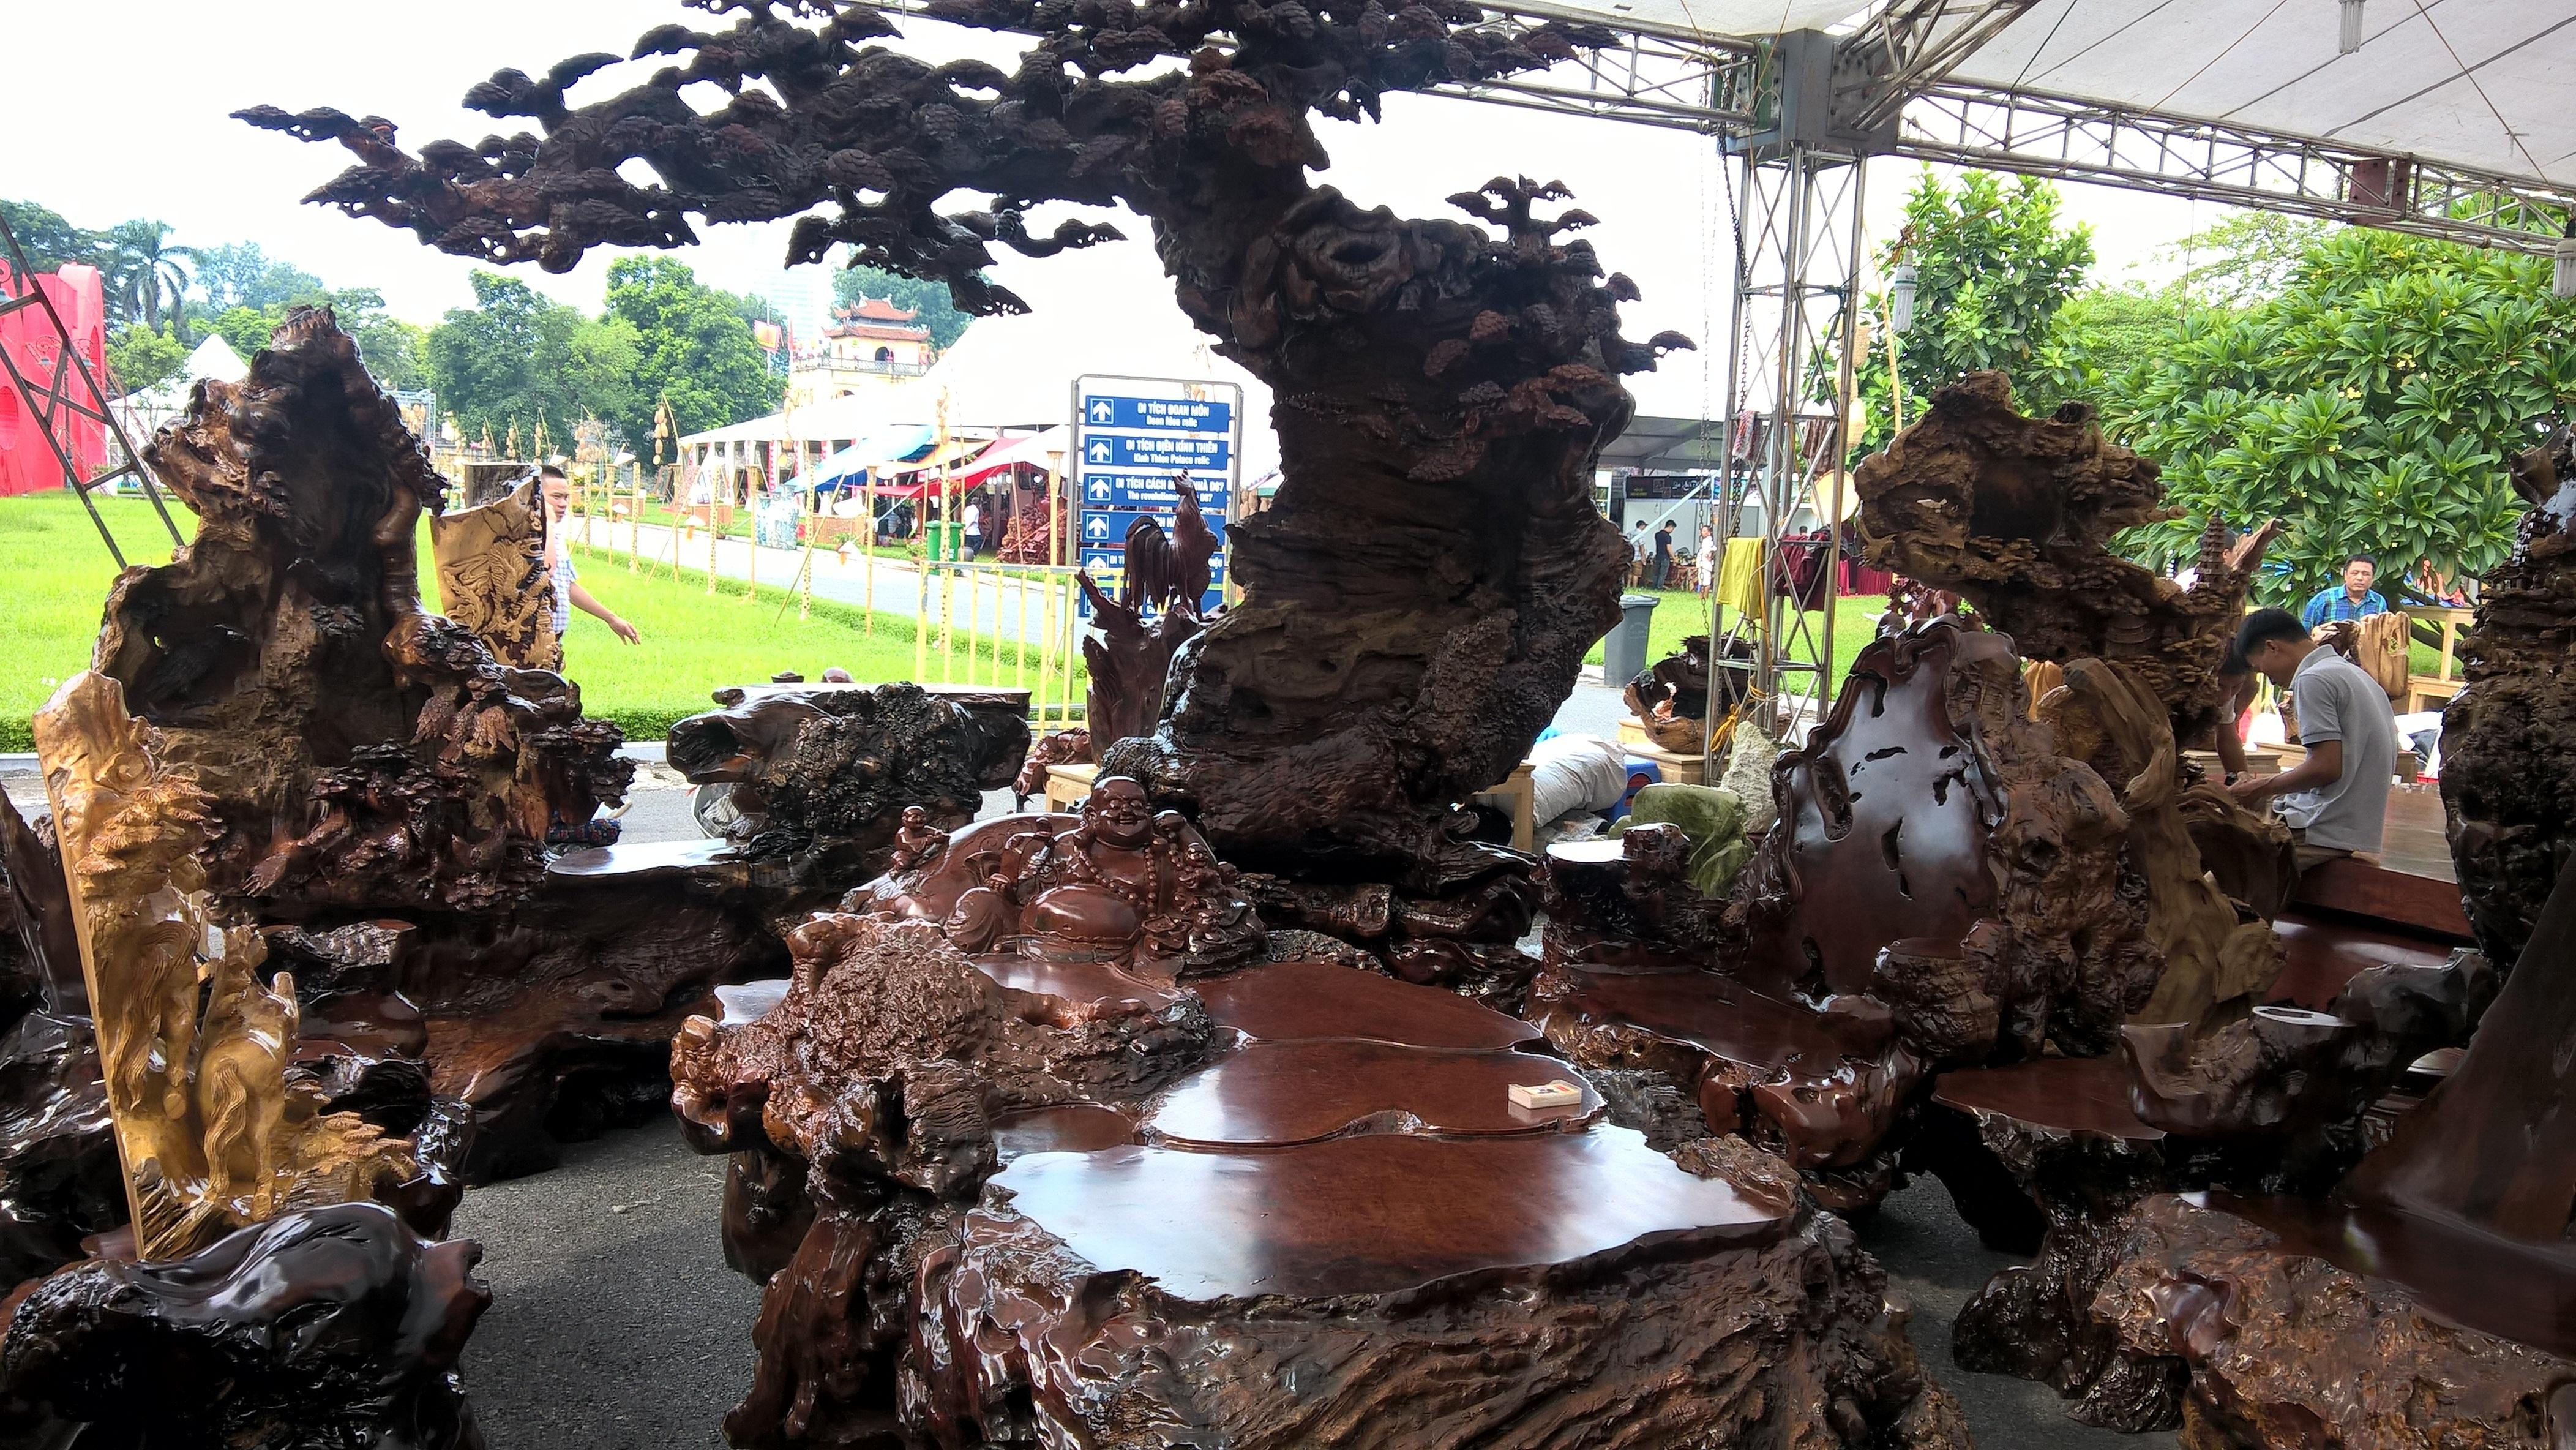 Cận cảnh bộ bàn ghế gỗ nu được rao bán hơn 1 tỷ đồng tại Hà Nội - 3